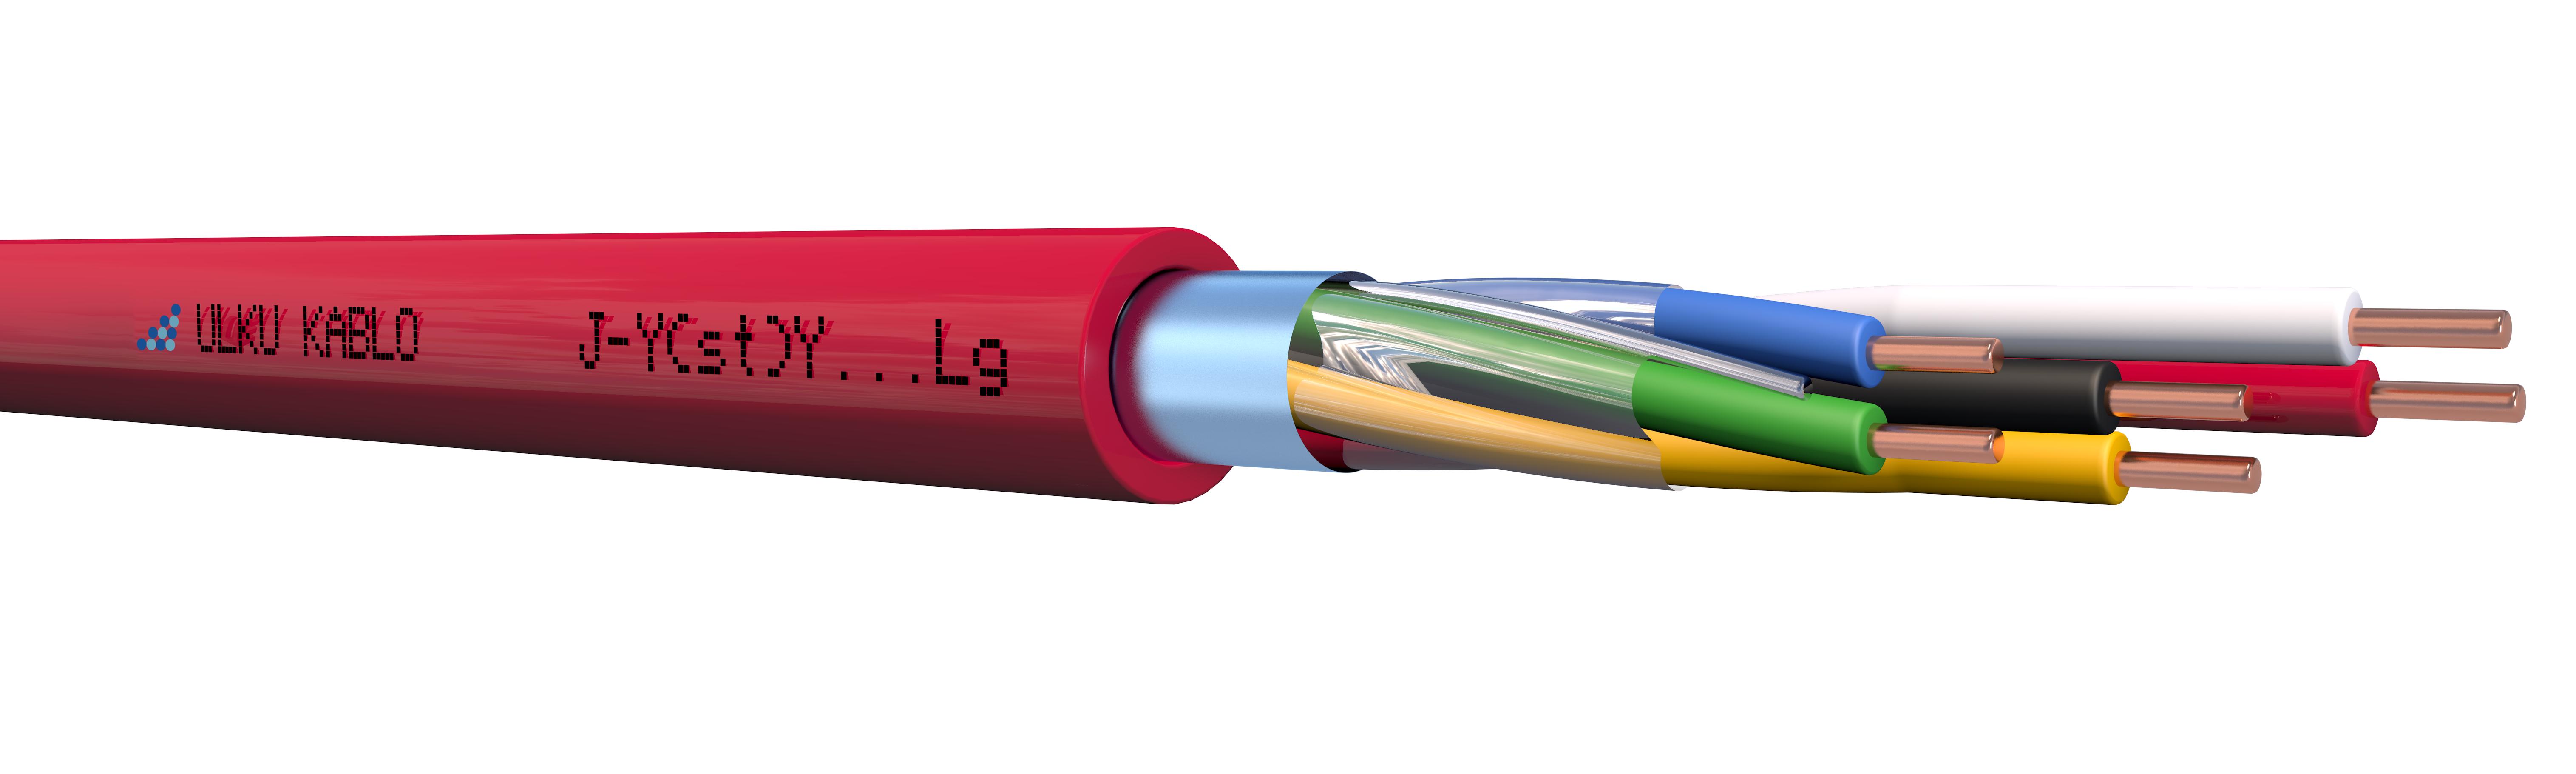 J-Y(St)Y...Lg 3x2x0,80mm+0,40mm